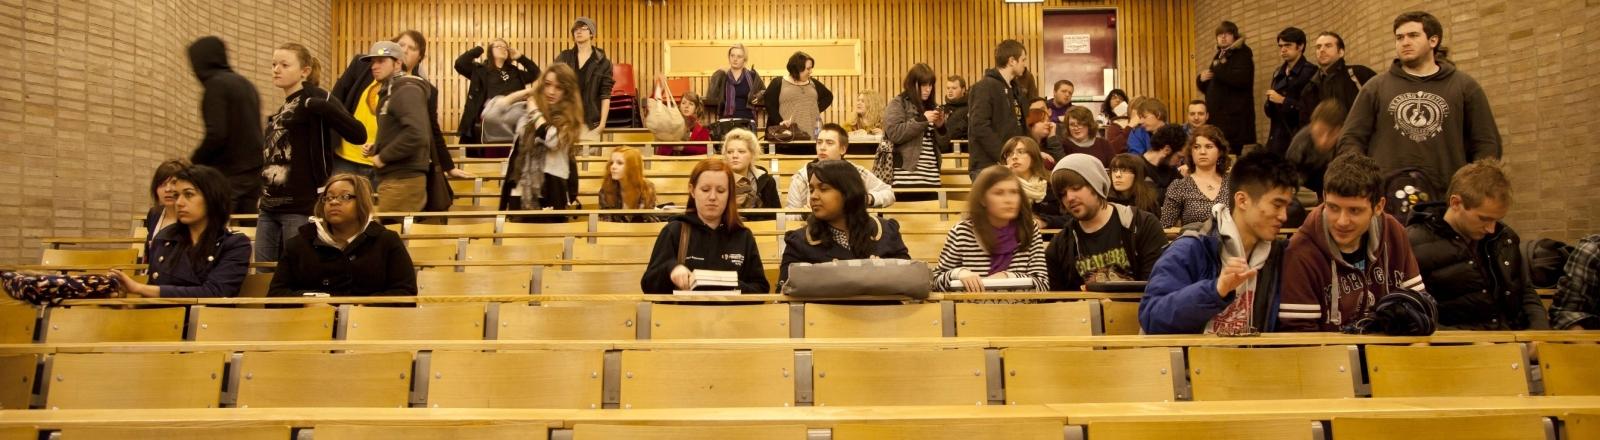 Studierende an der Aberystwyth University in Wales im Frühjahr 2012